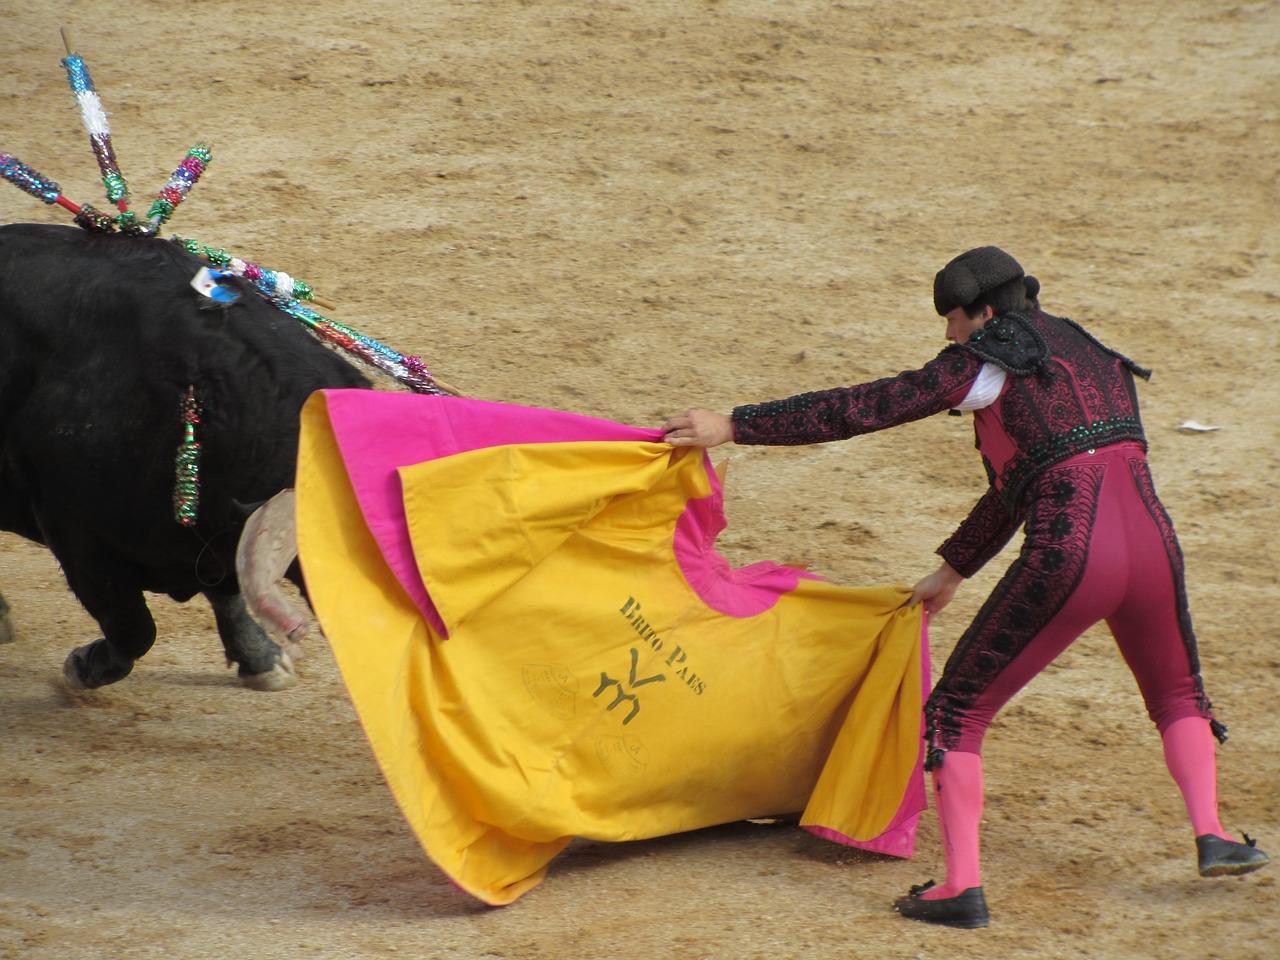 生と死が背中合わせの命を懸けた闘牛のシーン。_bull-fighting-1080919_1280